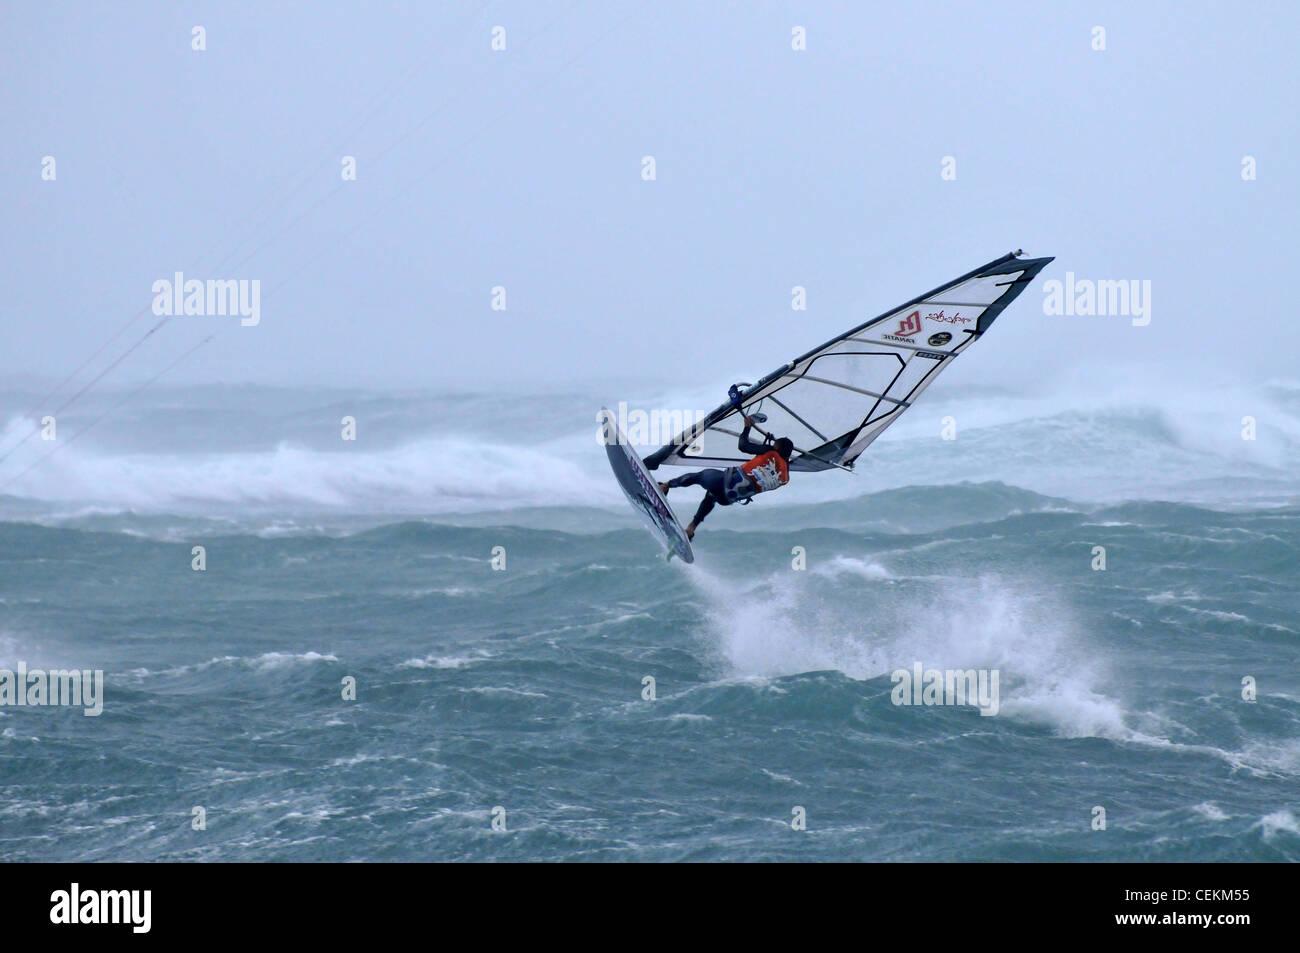 Storm Rider 2012, la competencia en el surf de viento israelí Bat Galim, Haifa.Febrero 17, 2012 . Foto por Imagen De Stock